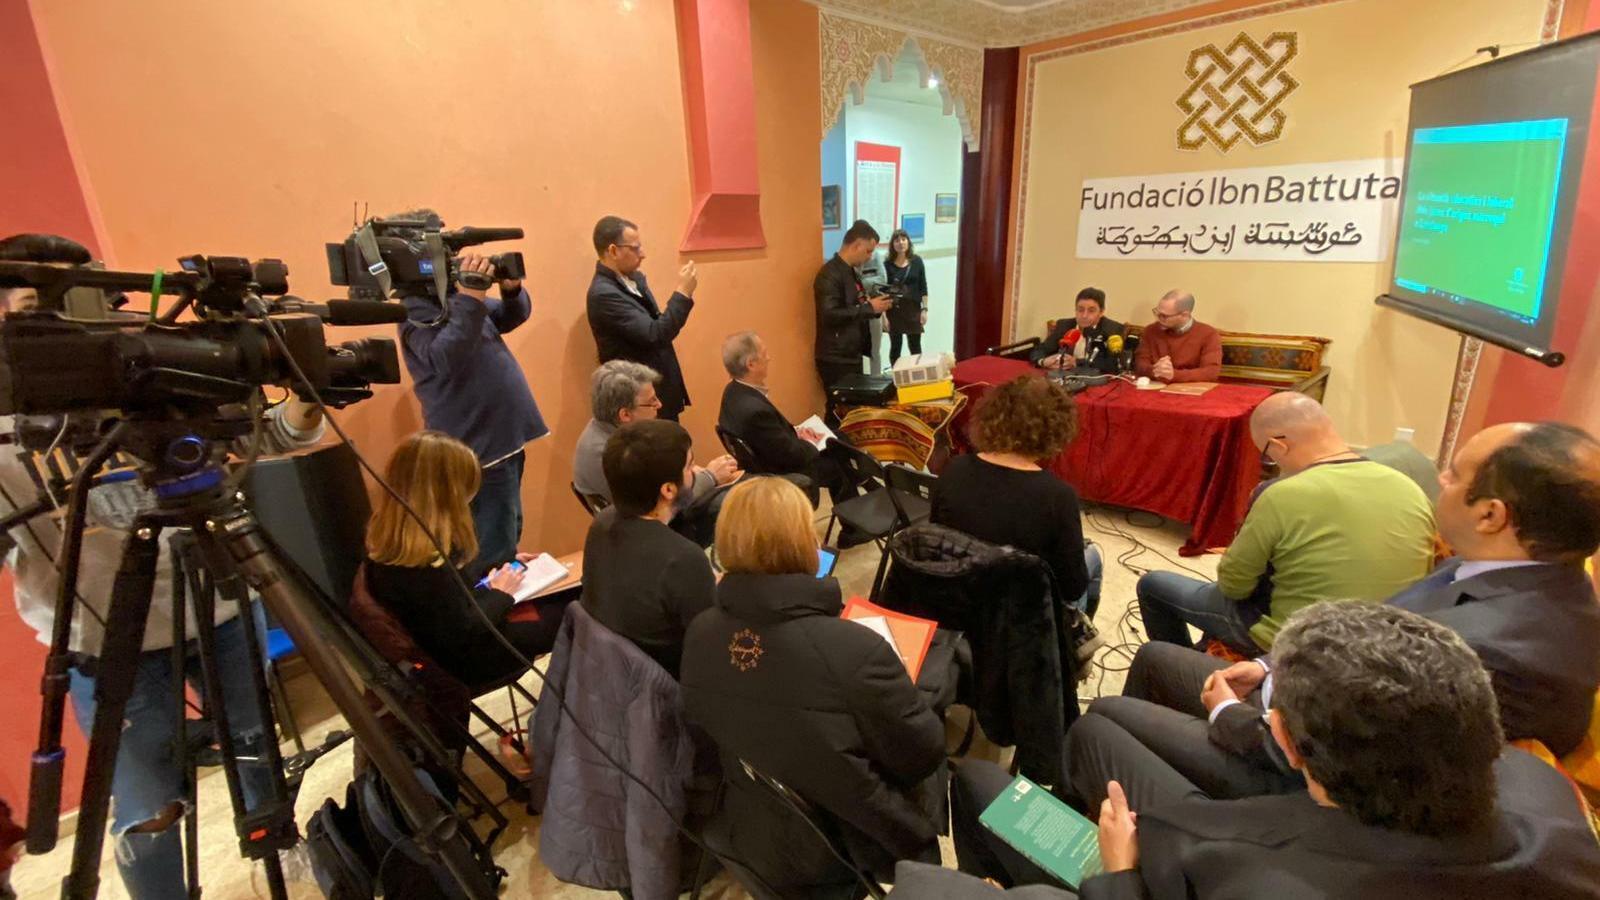 Els portaveus de la Fundació Ibn Battuta, durant la presentació de l'informe, aquest dijous